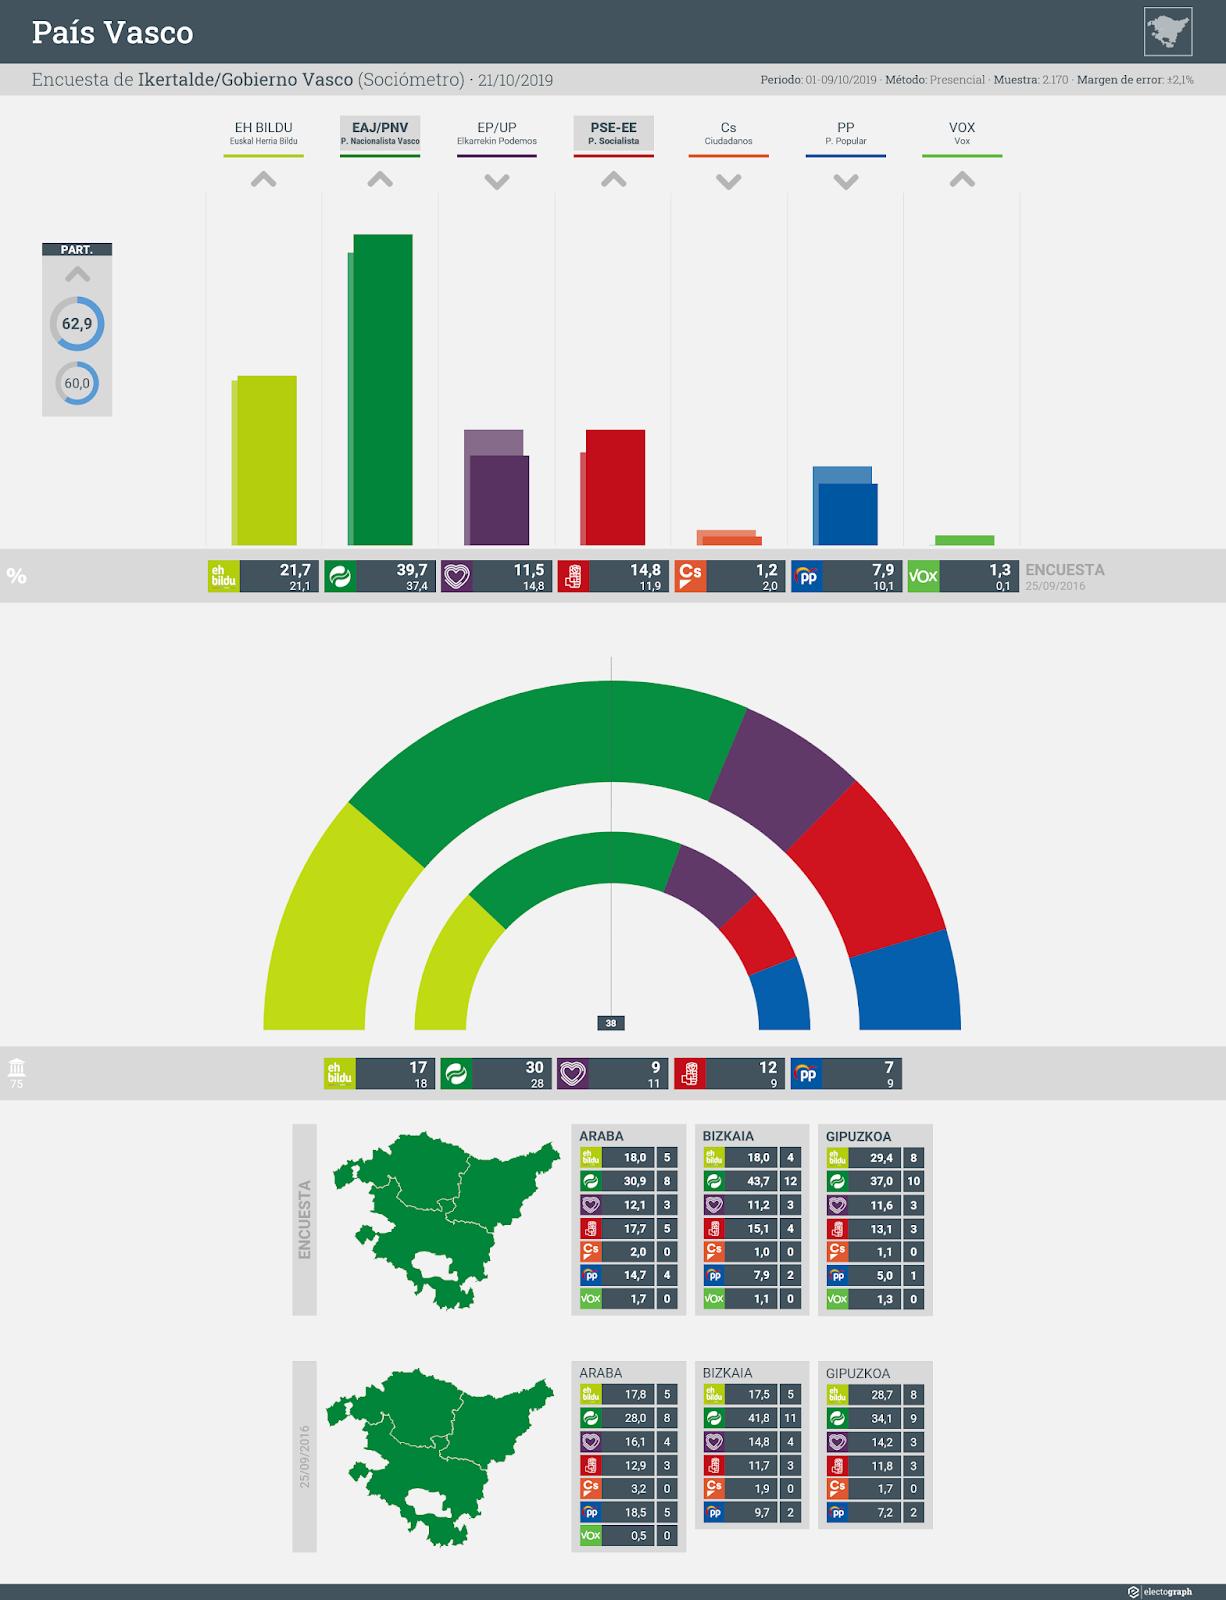 Gráfico de la encuesta para elecciones autonómicas en el País Vasco realizada por Ikertalde y el Gobierno Vasco, 21 de octubre de 2019